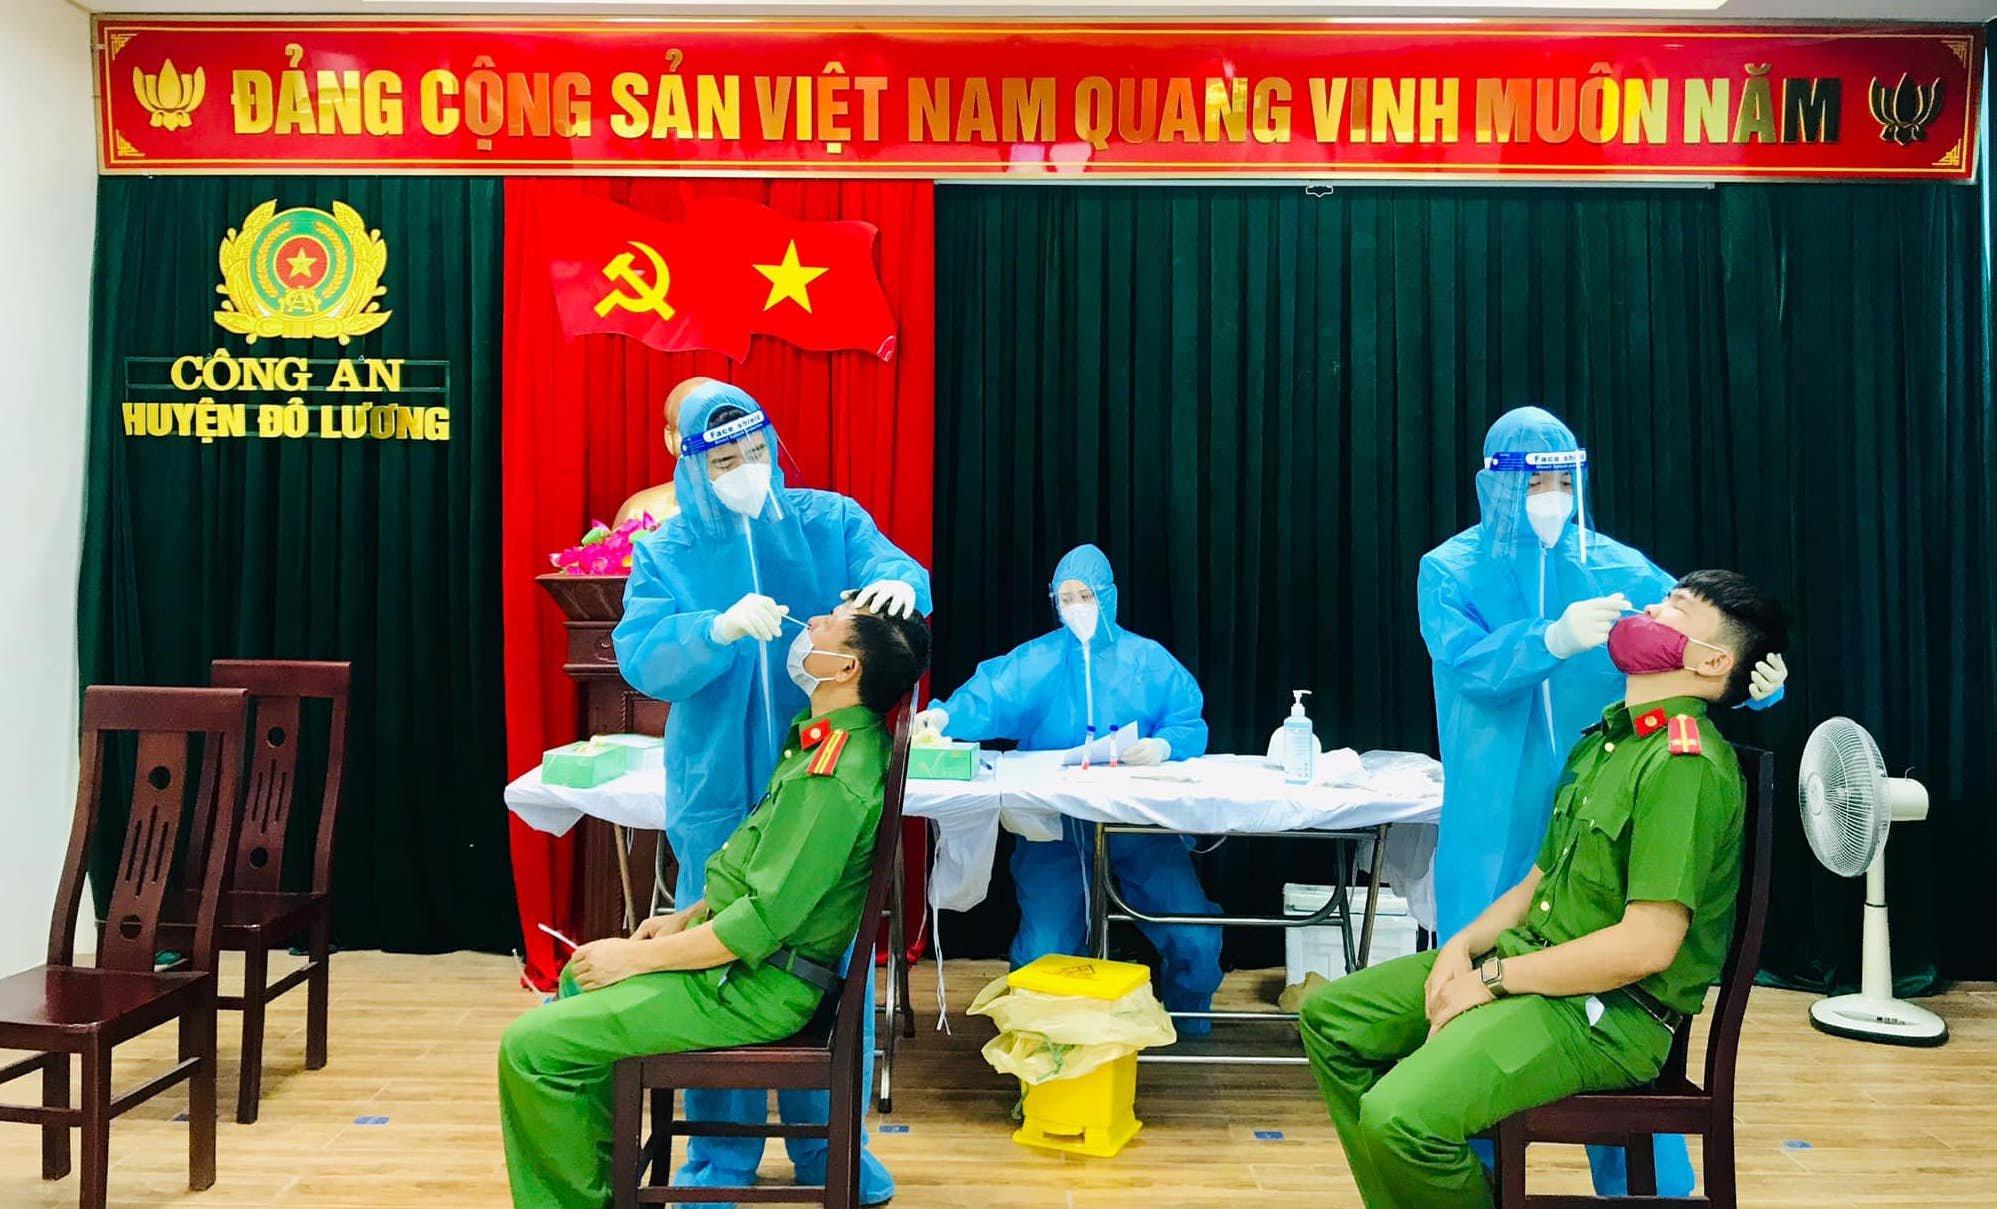 Công an huyện Đô Lương xét nghiệm COVID-19 cho cán bộ, chiến sĩ